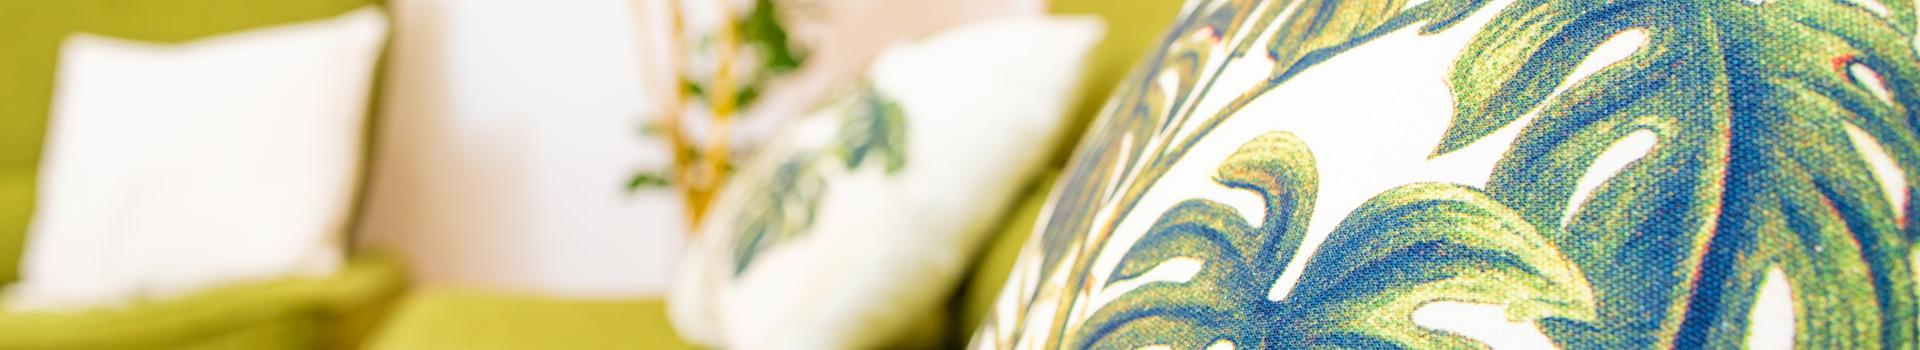 ご宿泊料金 | 沖縄古宇利島 貸別荘ヴィラ宿泊の古宇利島ロテルズ